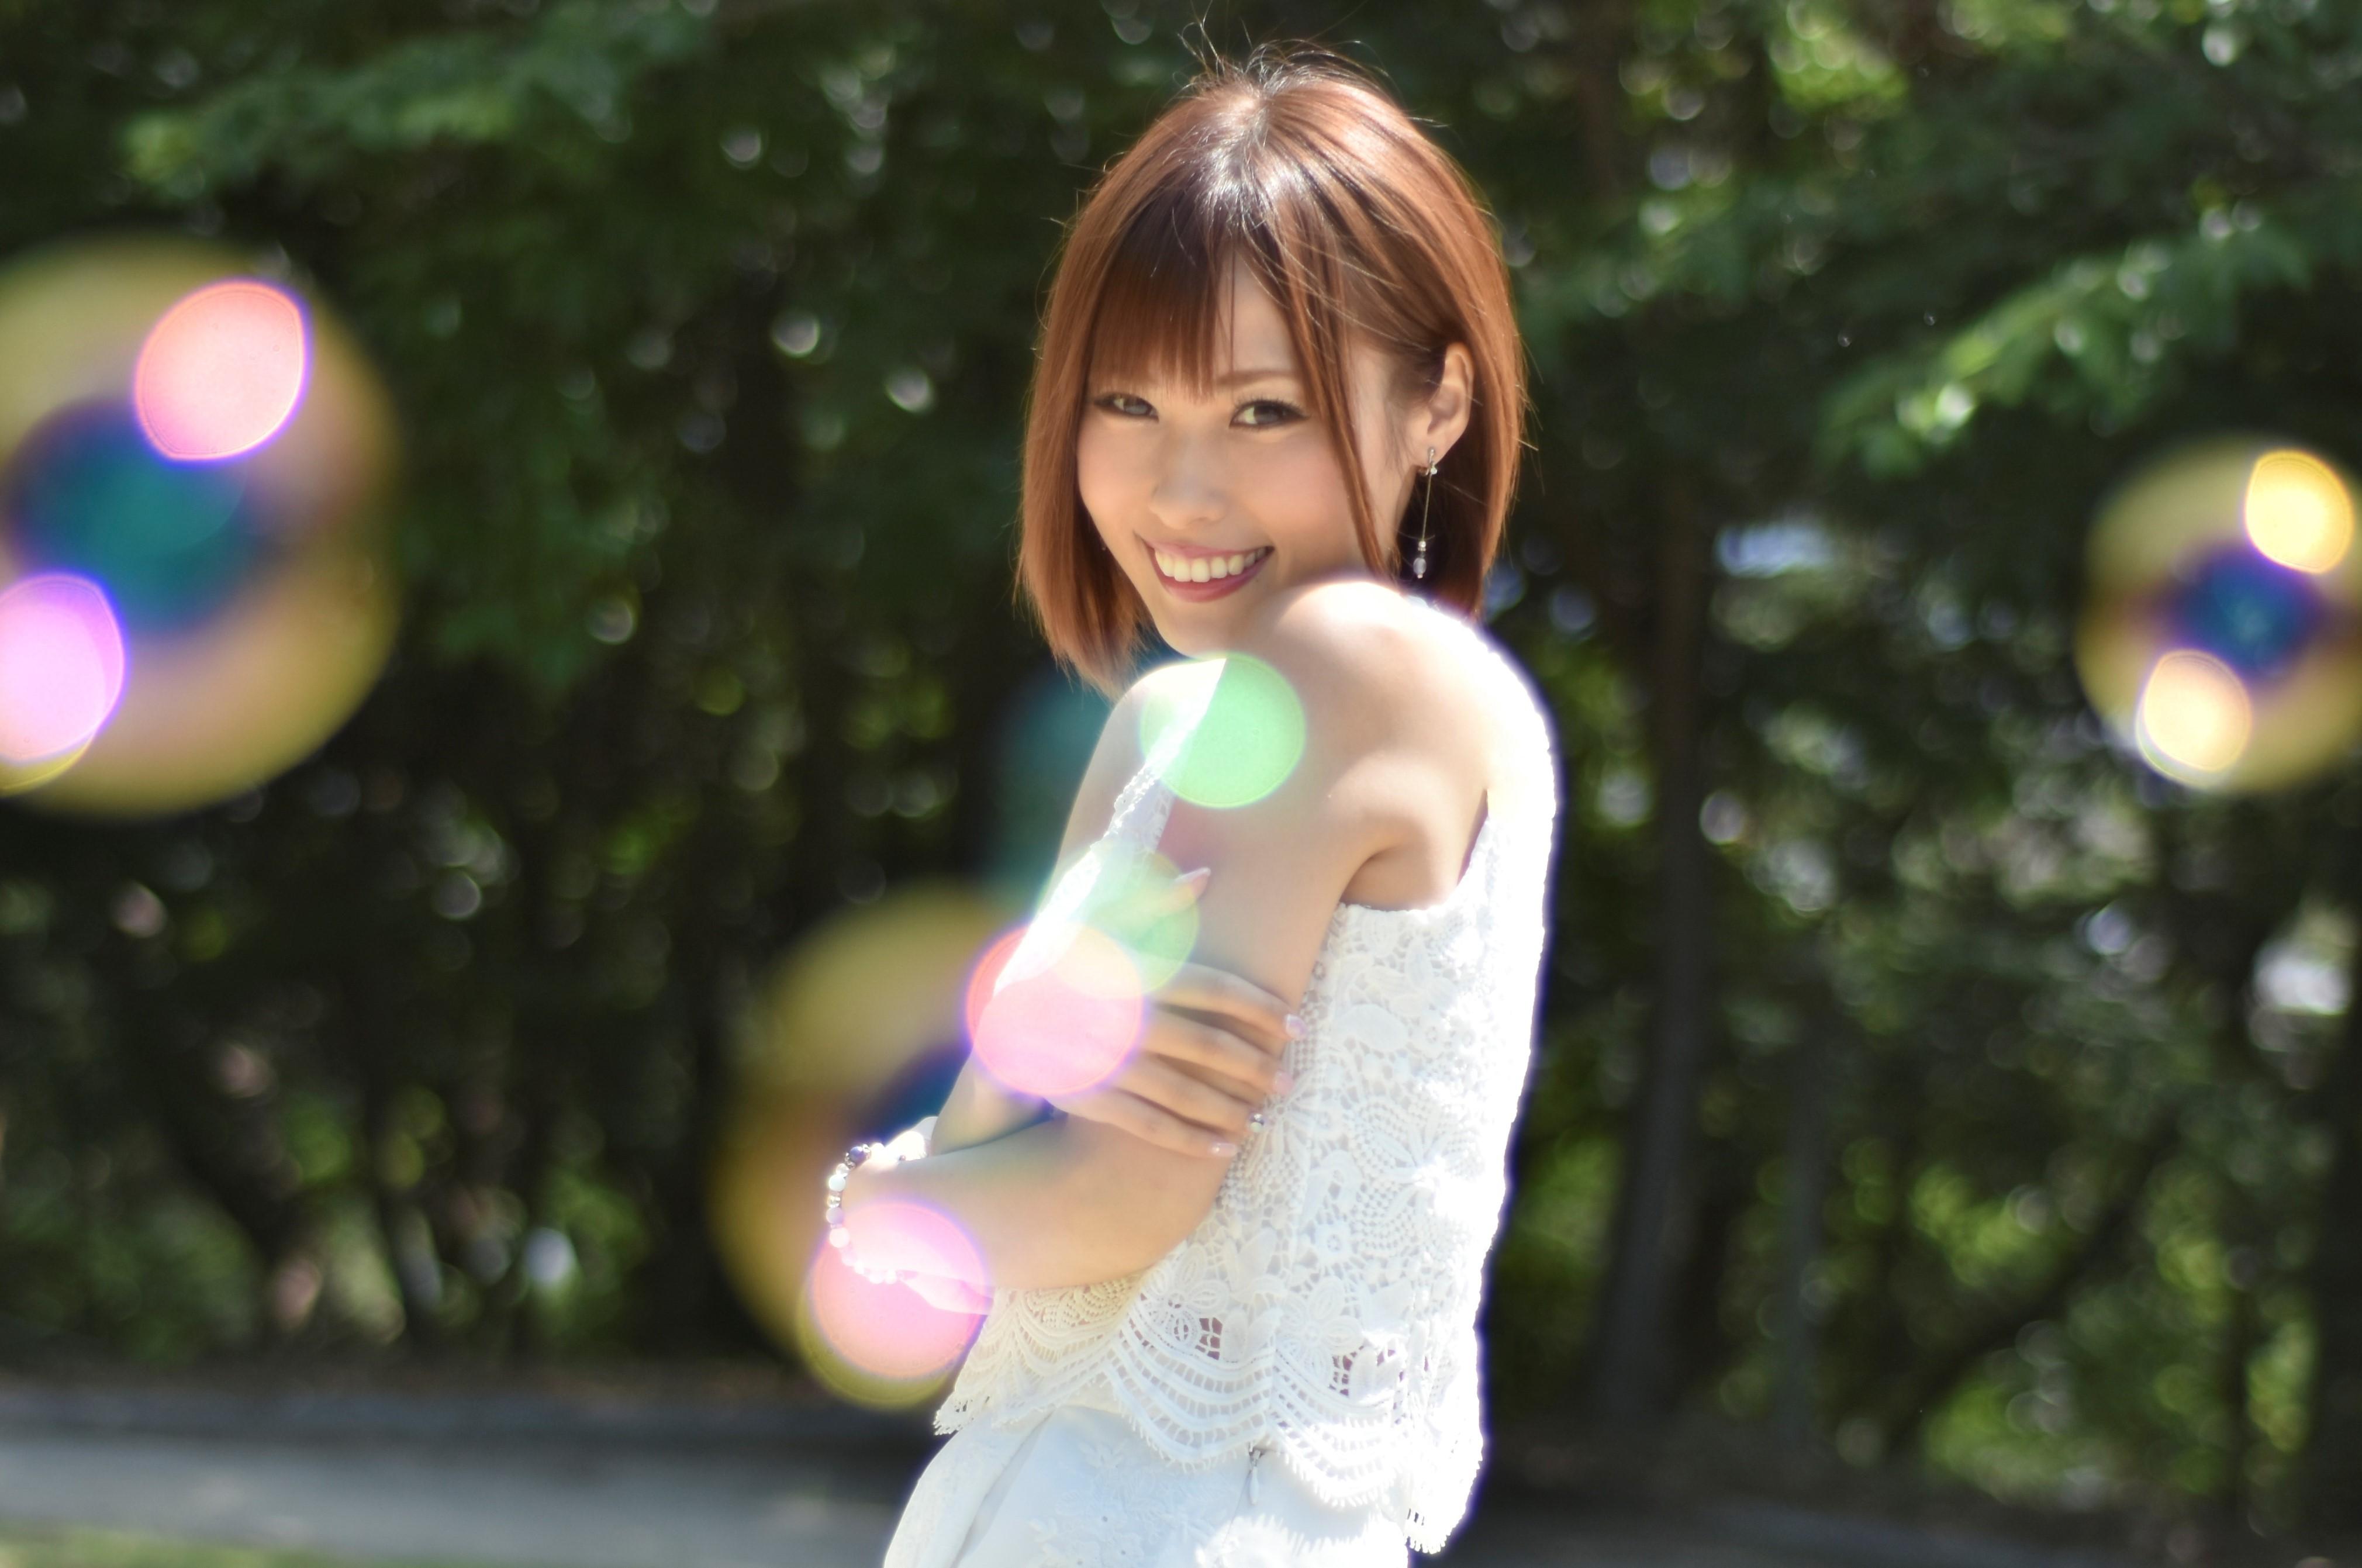 【Kinuyo】こんな時だからこそ自分にしかできない音楽を届けたい!NEWアルバム制作プロジェクト!!